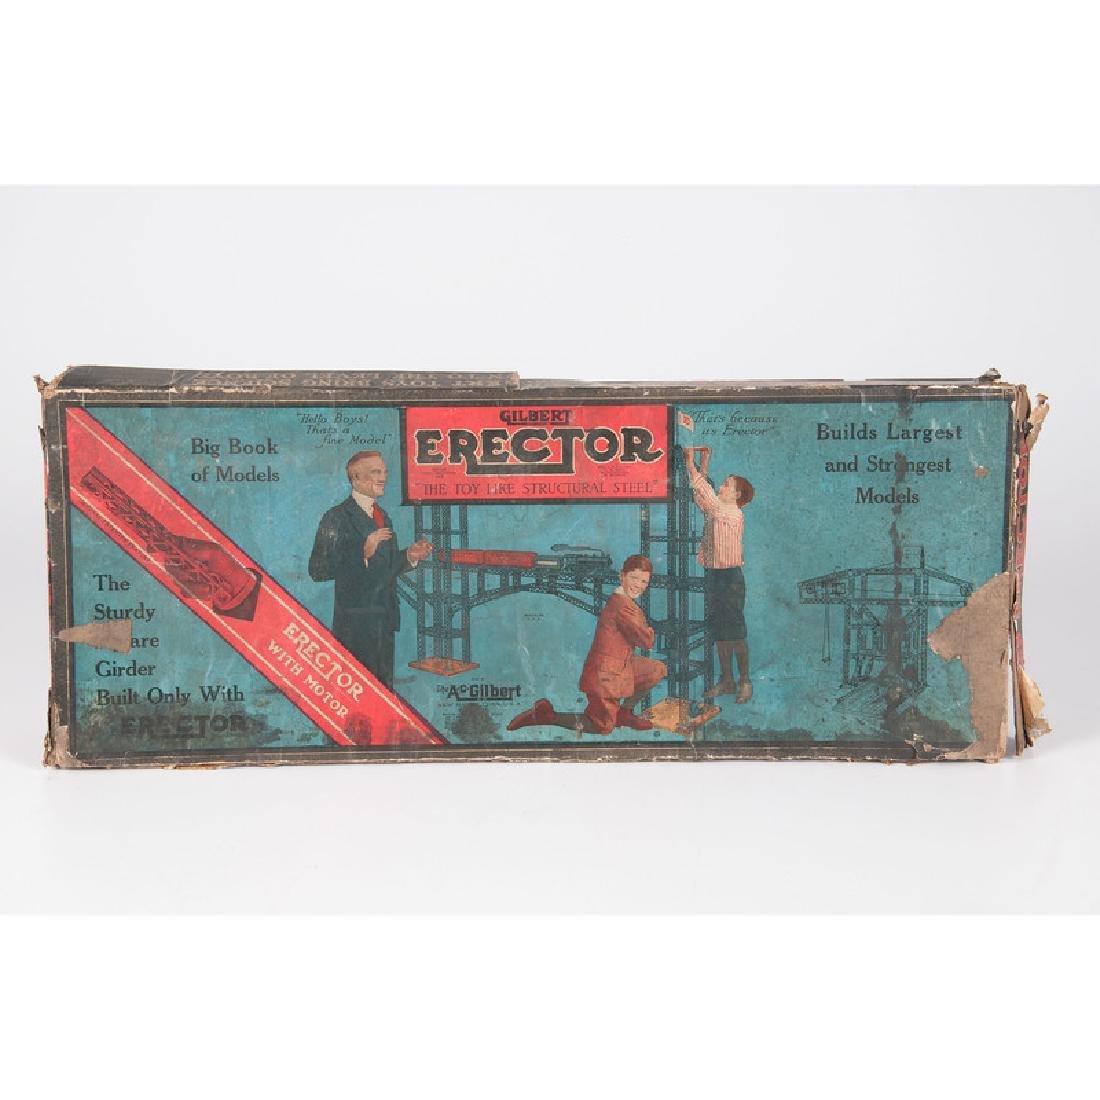 A.C. Gilbert Erector Sets